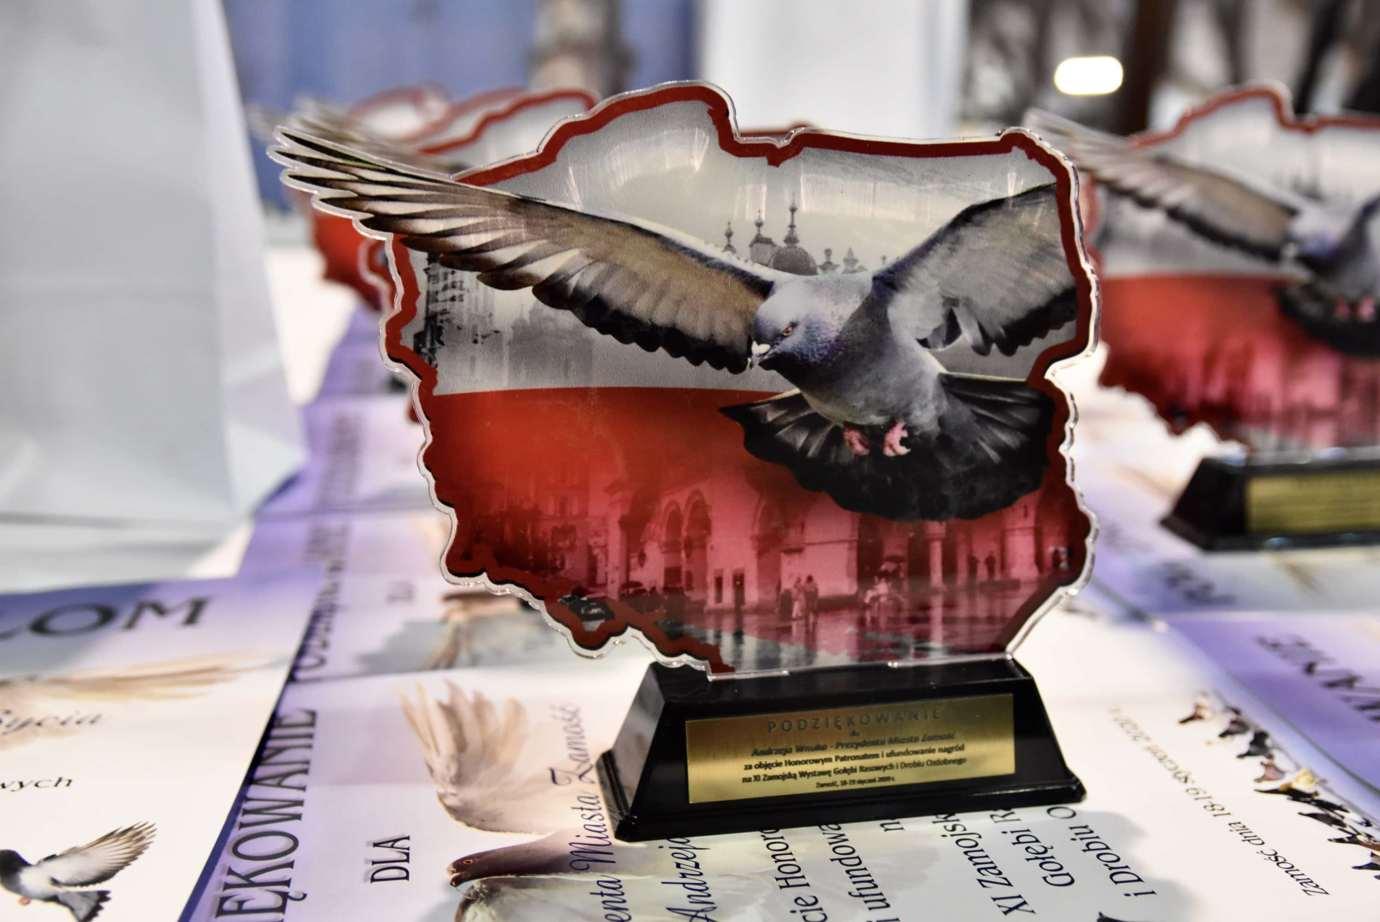 dsc 3653 XI Zamojska Wystawa Gołębi Rasowych i Drobiu Ozdobnego - publikujemy nazwiska i zdjęcia nagrodzonych